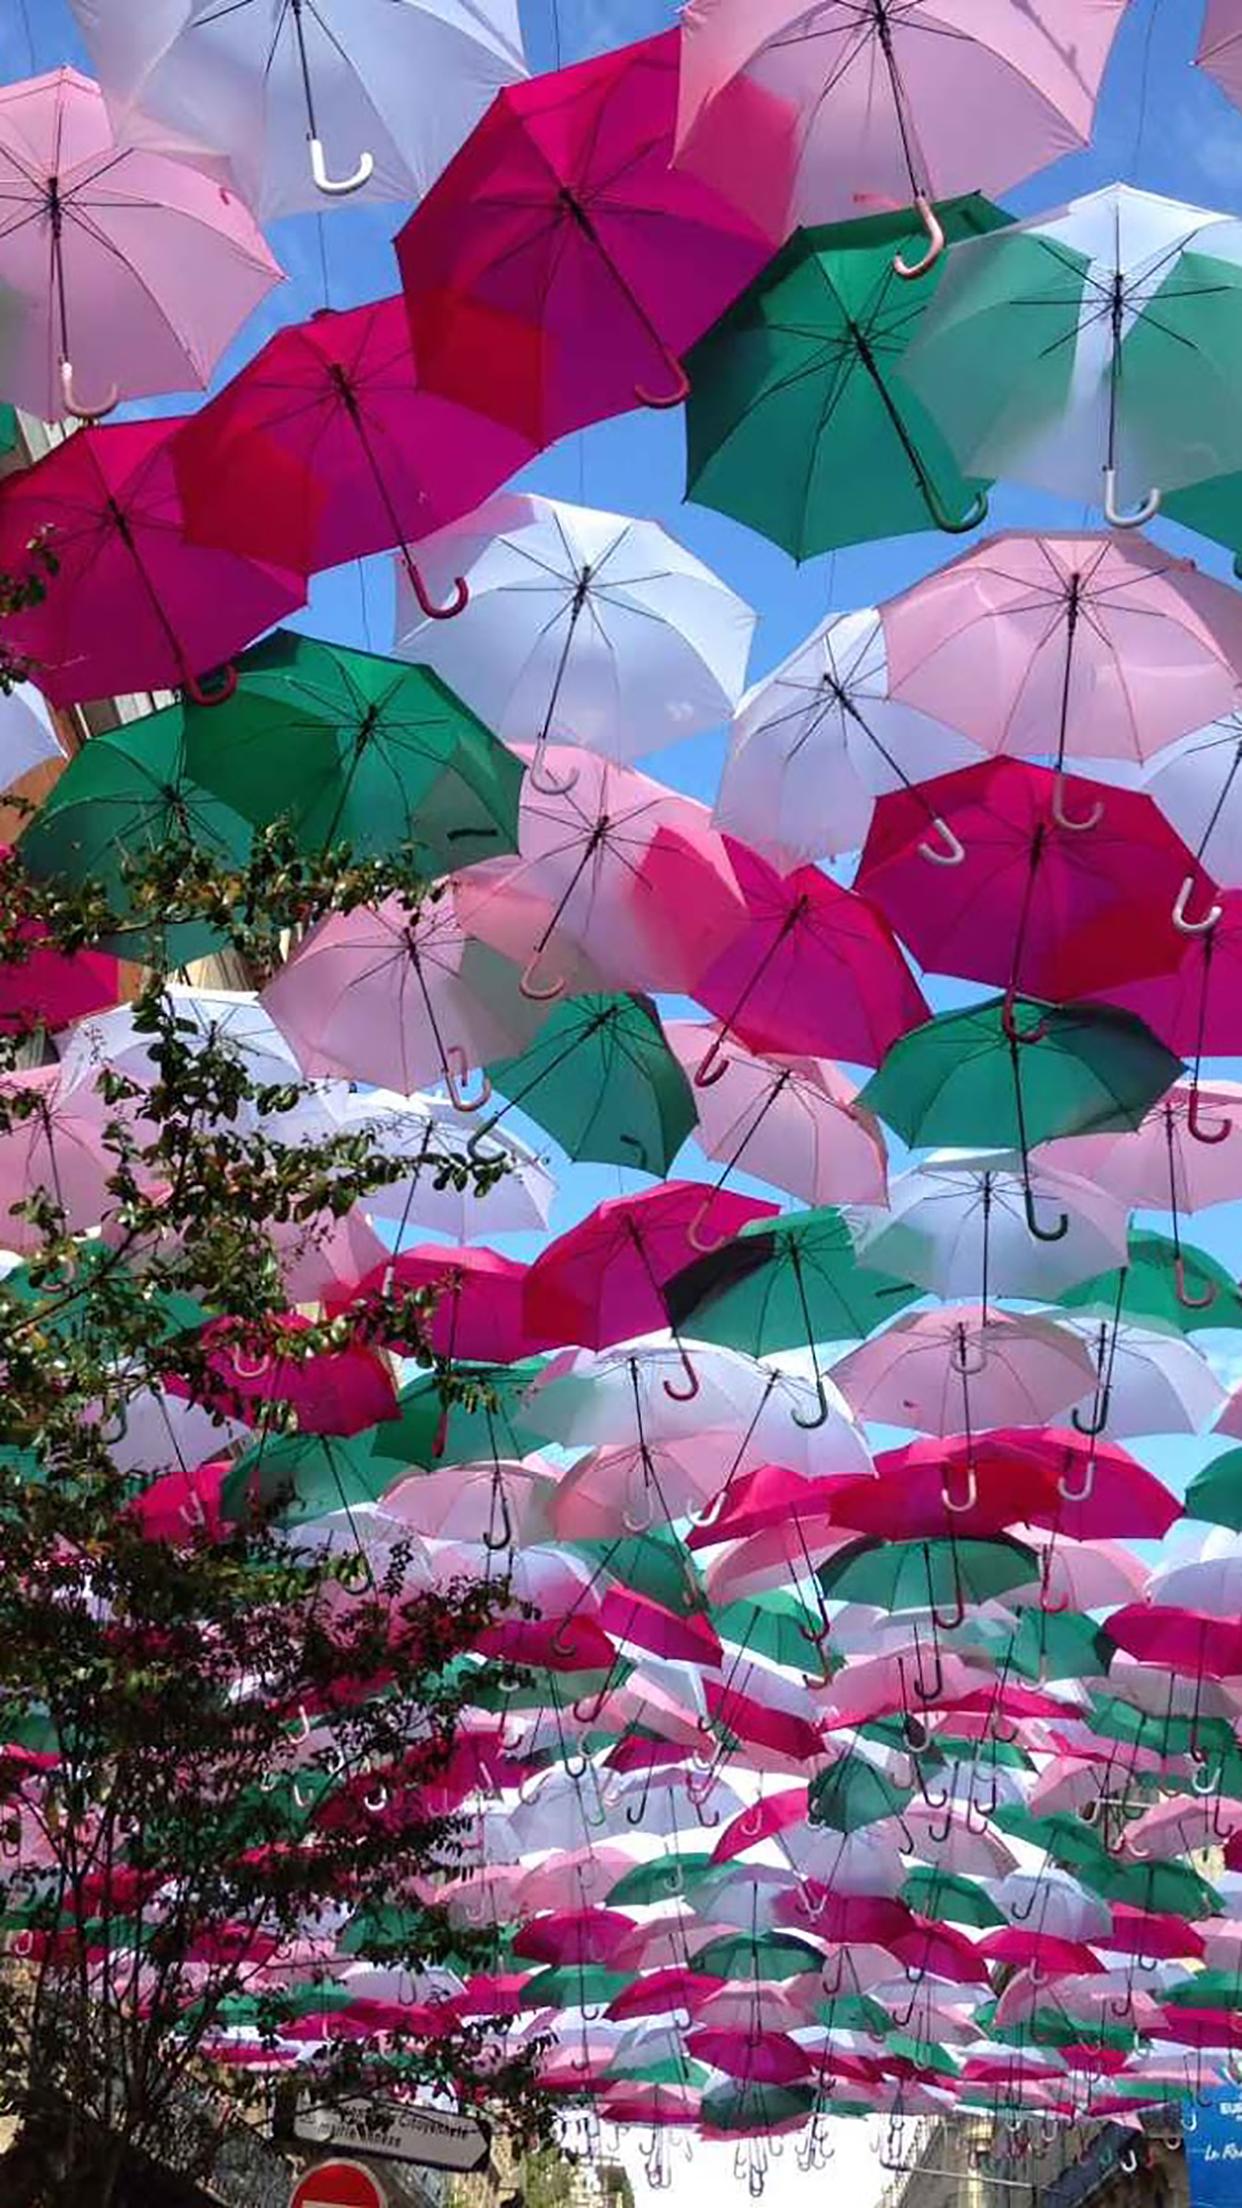 Umbrella Umbrella Roof 3Wallpapers iPhone Parallax Les 3Wallpapers iPhone du jour (13/01/2017)